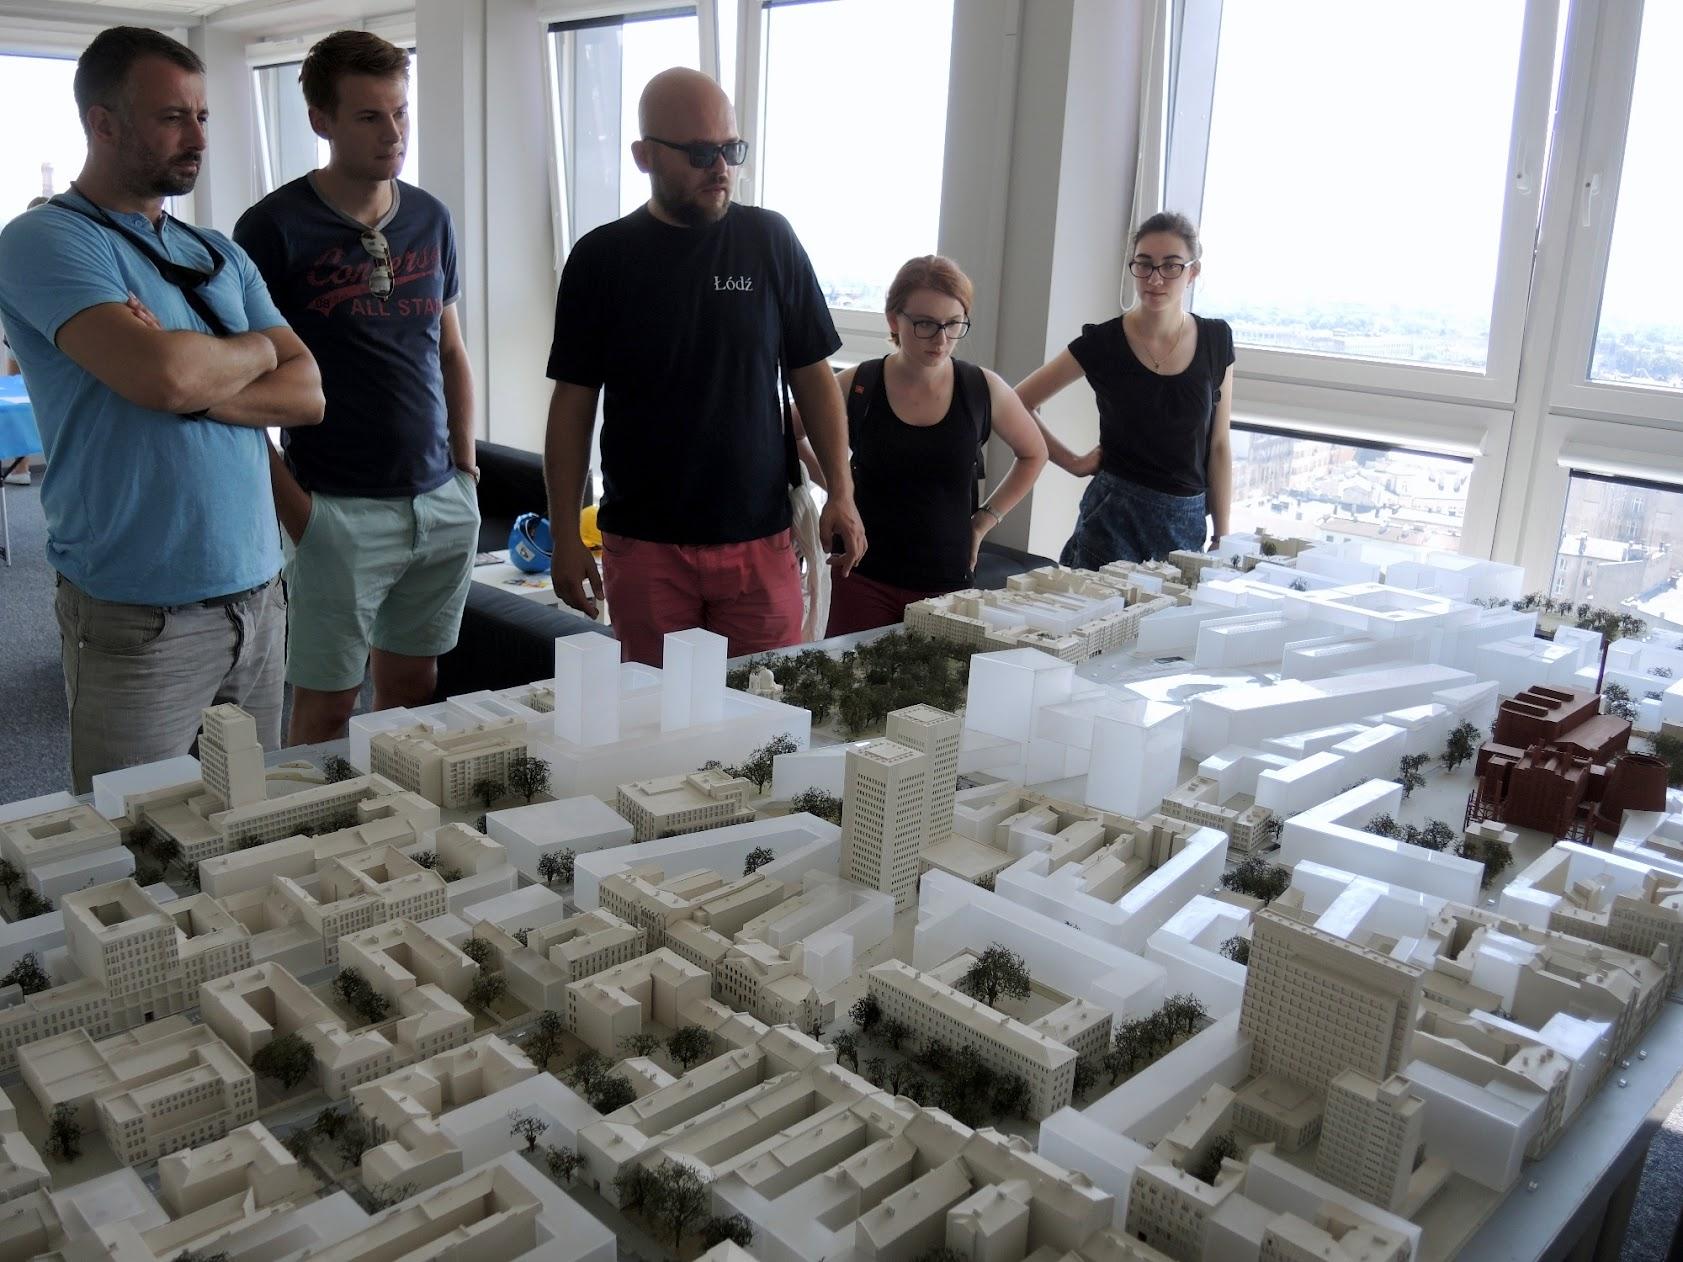 Wizyta na 15. piętrze Textilimpexu gdzie znajduje się punkt widokowy na NCŁ. Jest też makieta kwartału